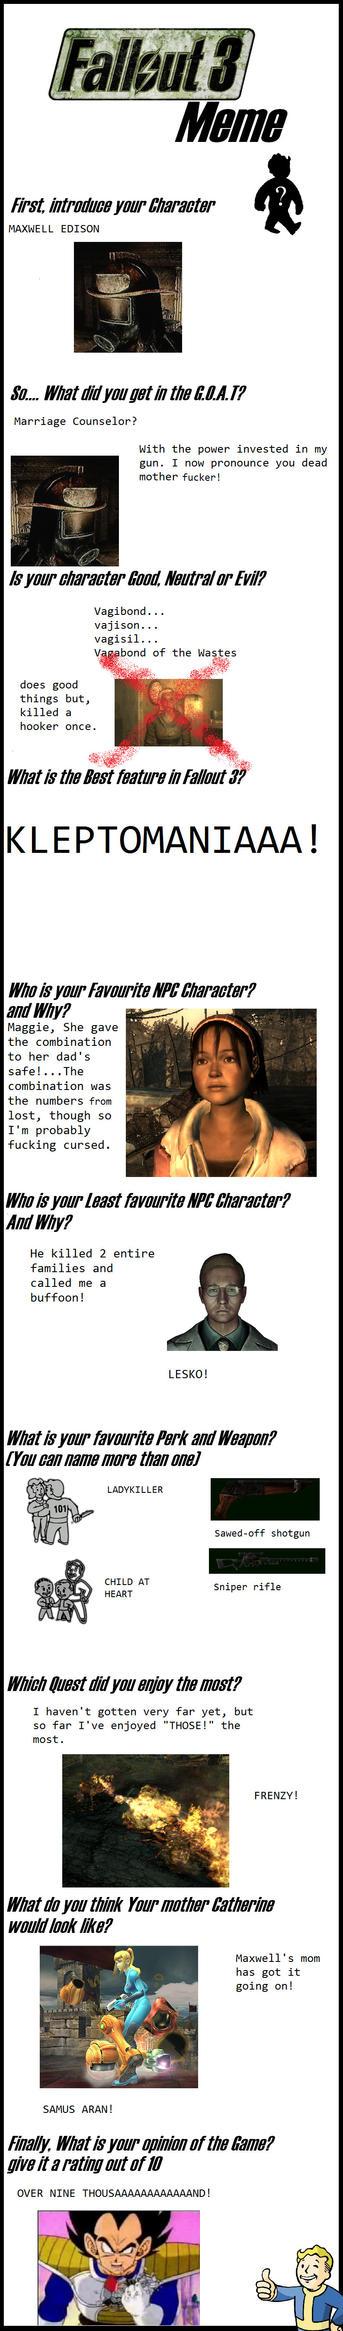 Fallout meme by Thatrealycoolguy